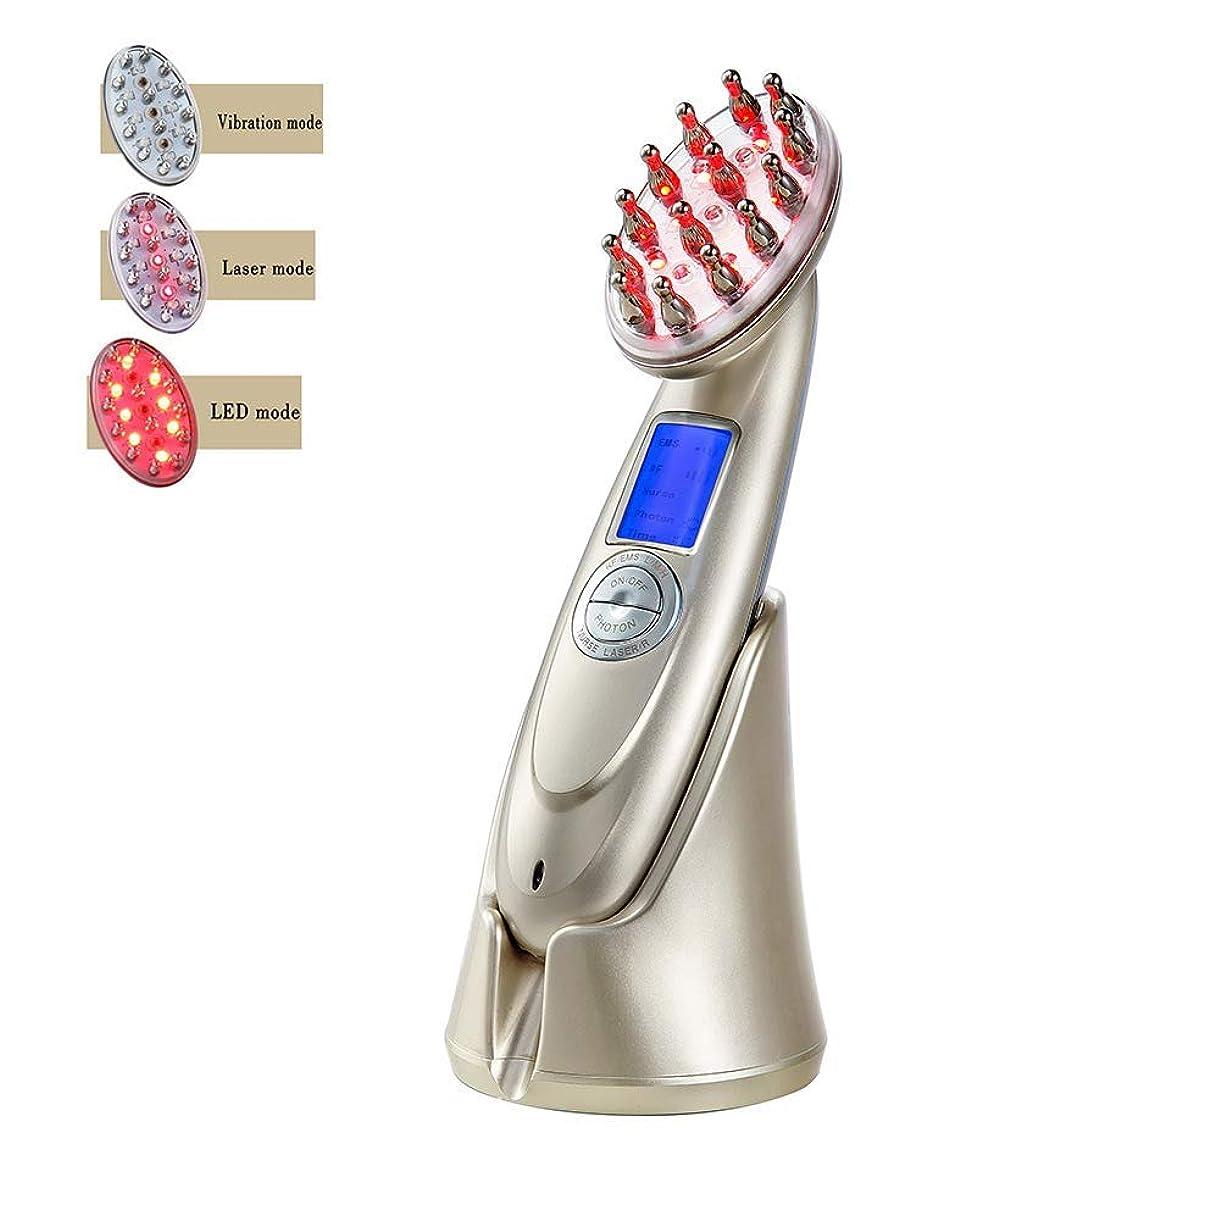 ミルクオフセット四分円プロの電気毛の成長レーザーの櫛は RF の EMS LED の光子ライト療法のヘアブラシの反毛の損失の処置マッサージ器の毛の再生のブラシ